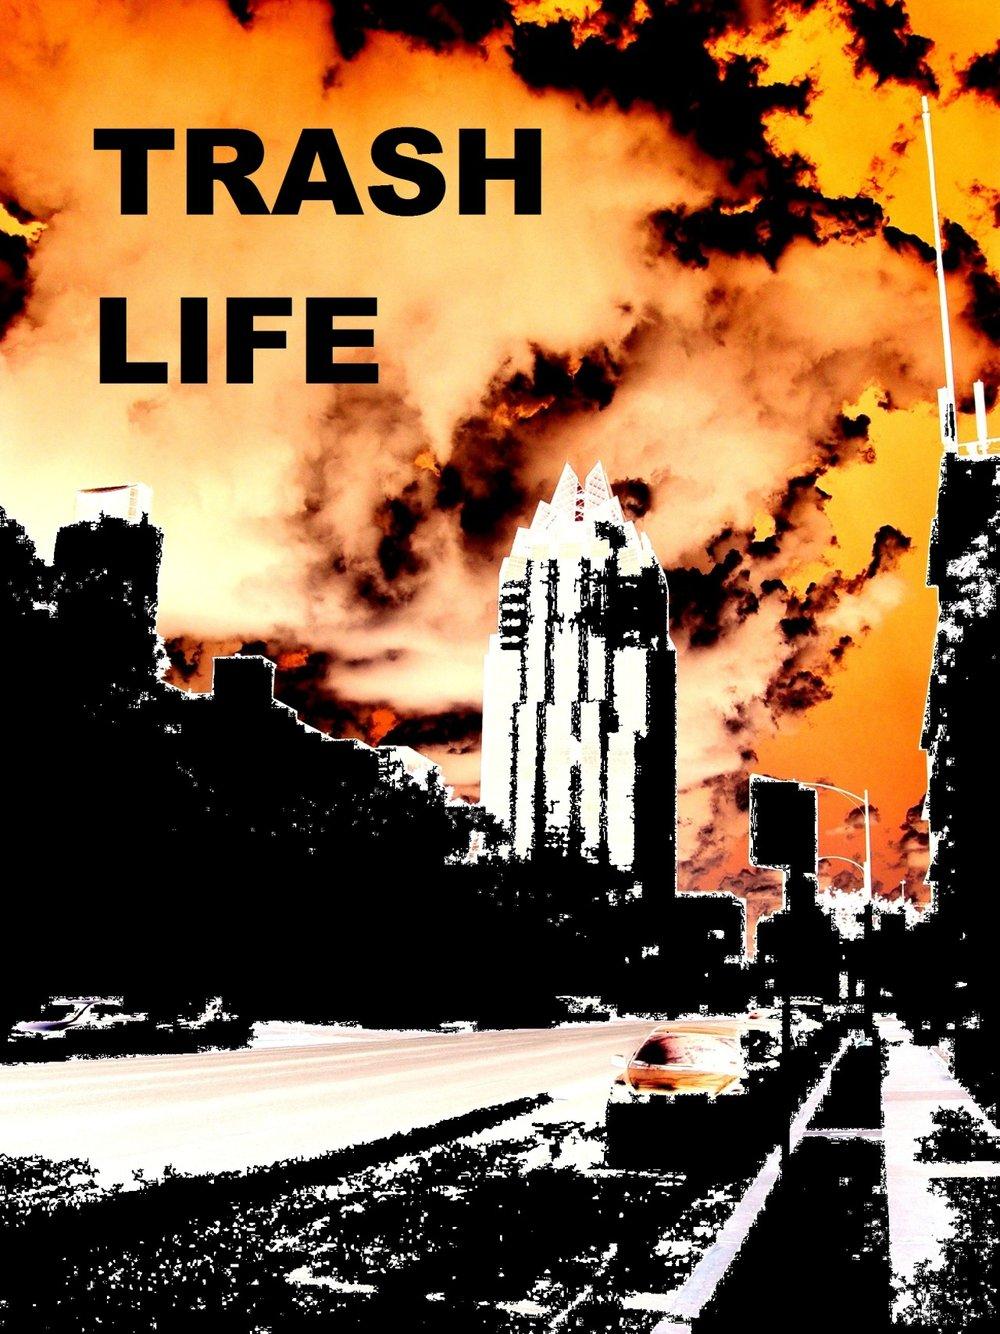 trash life.jpg